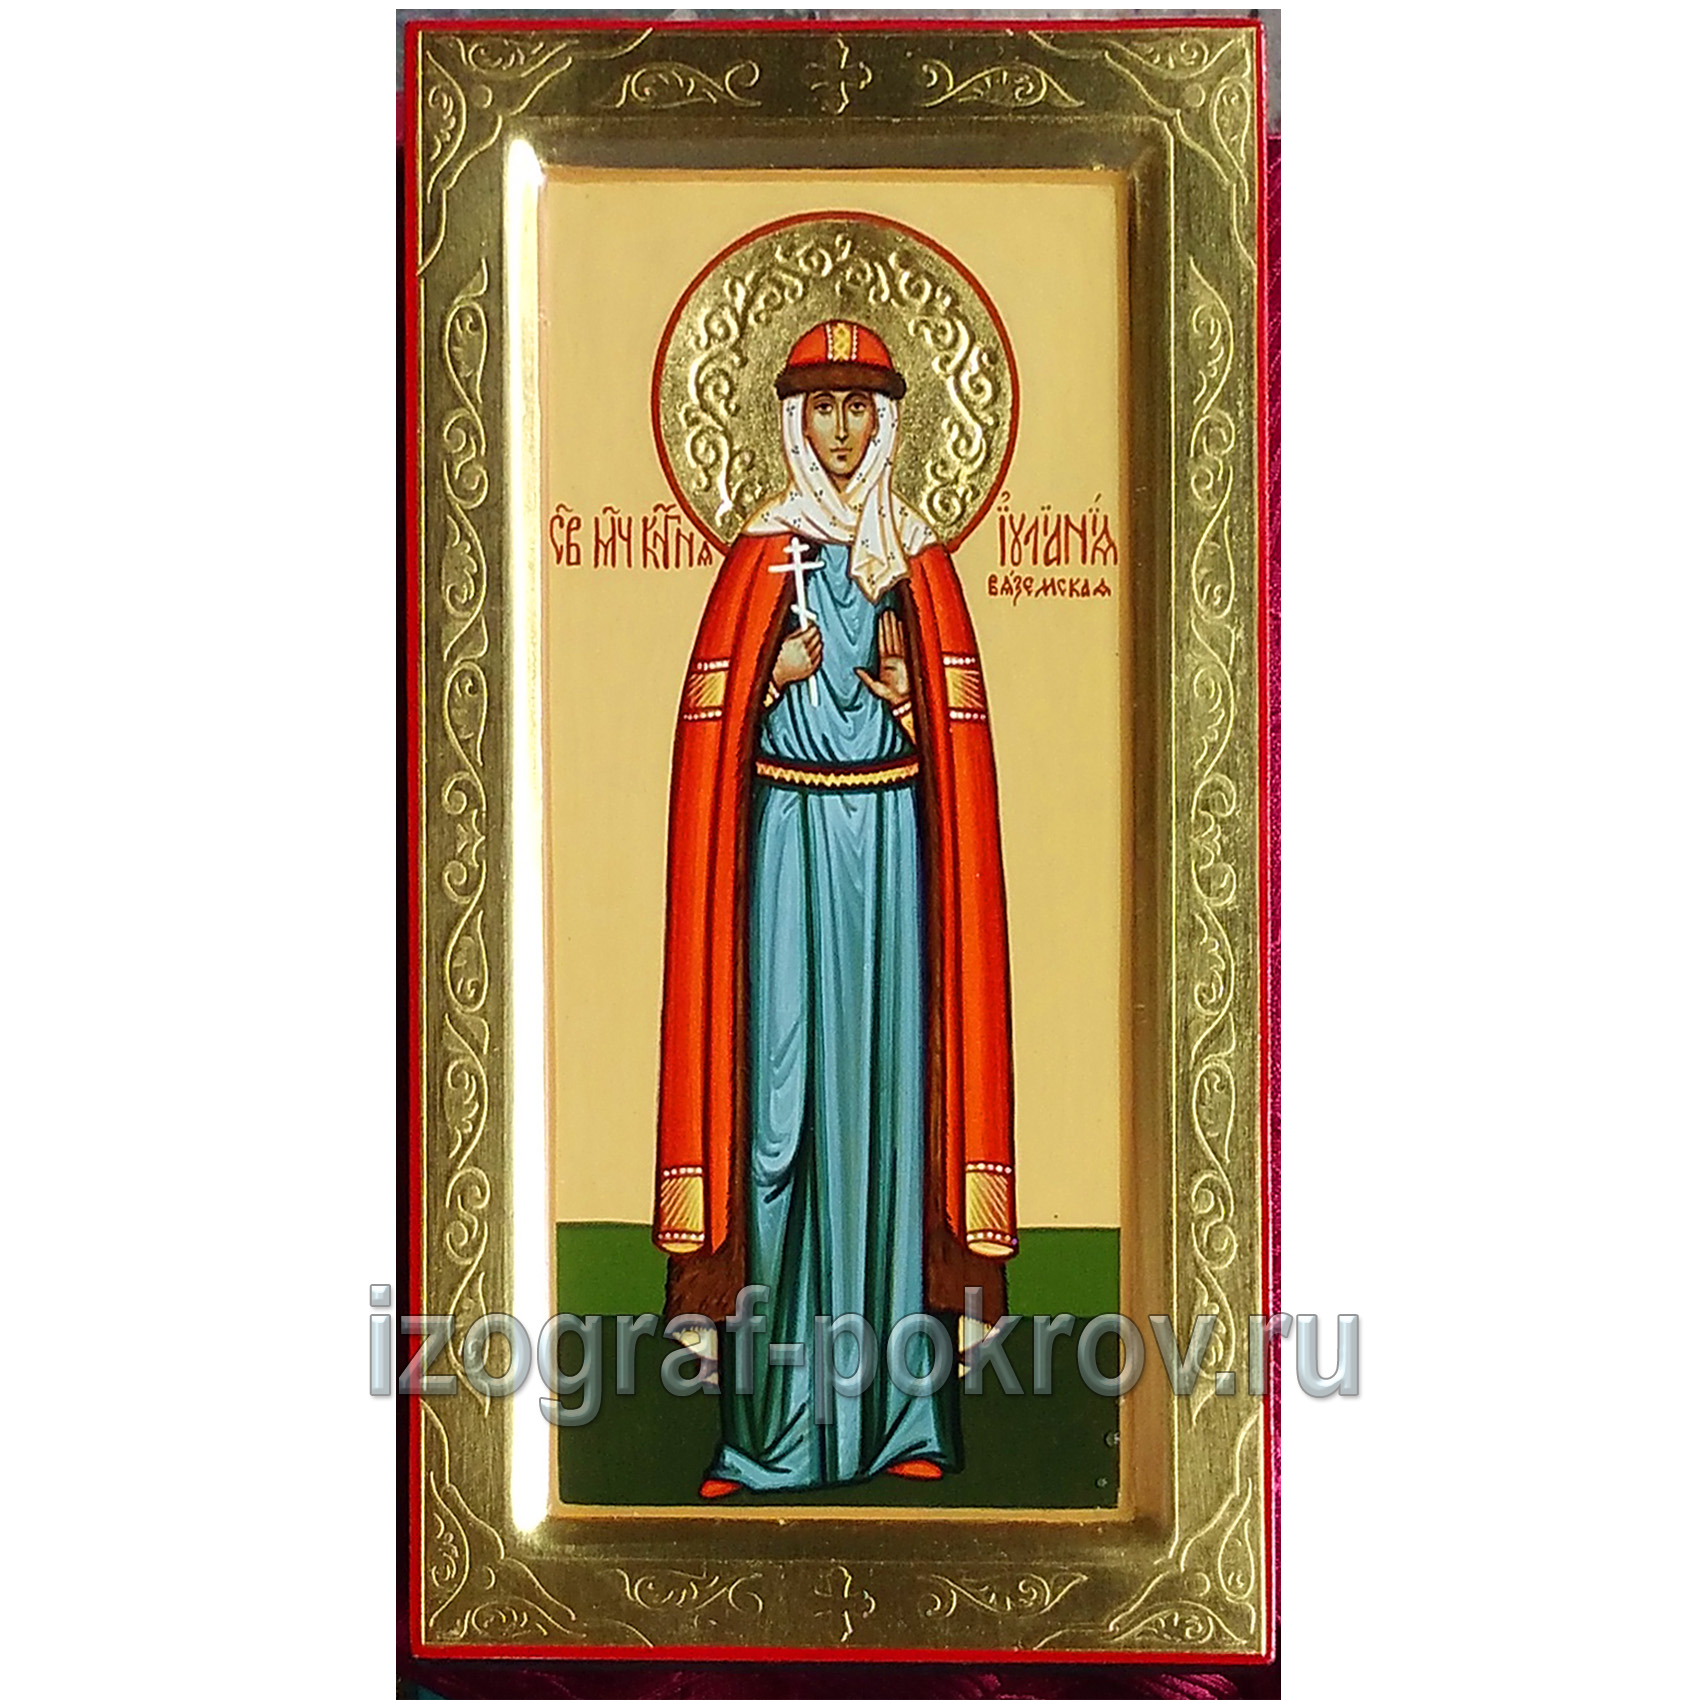 Икона Иулиания Вяземская и Новоторжская